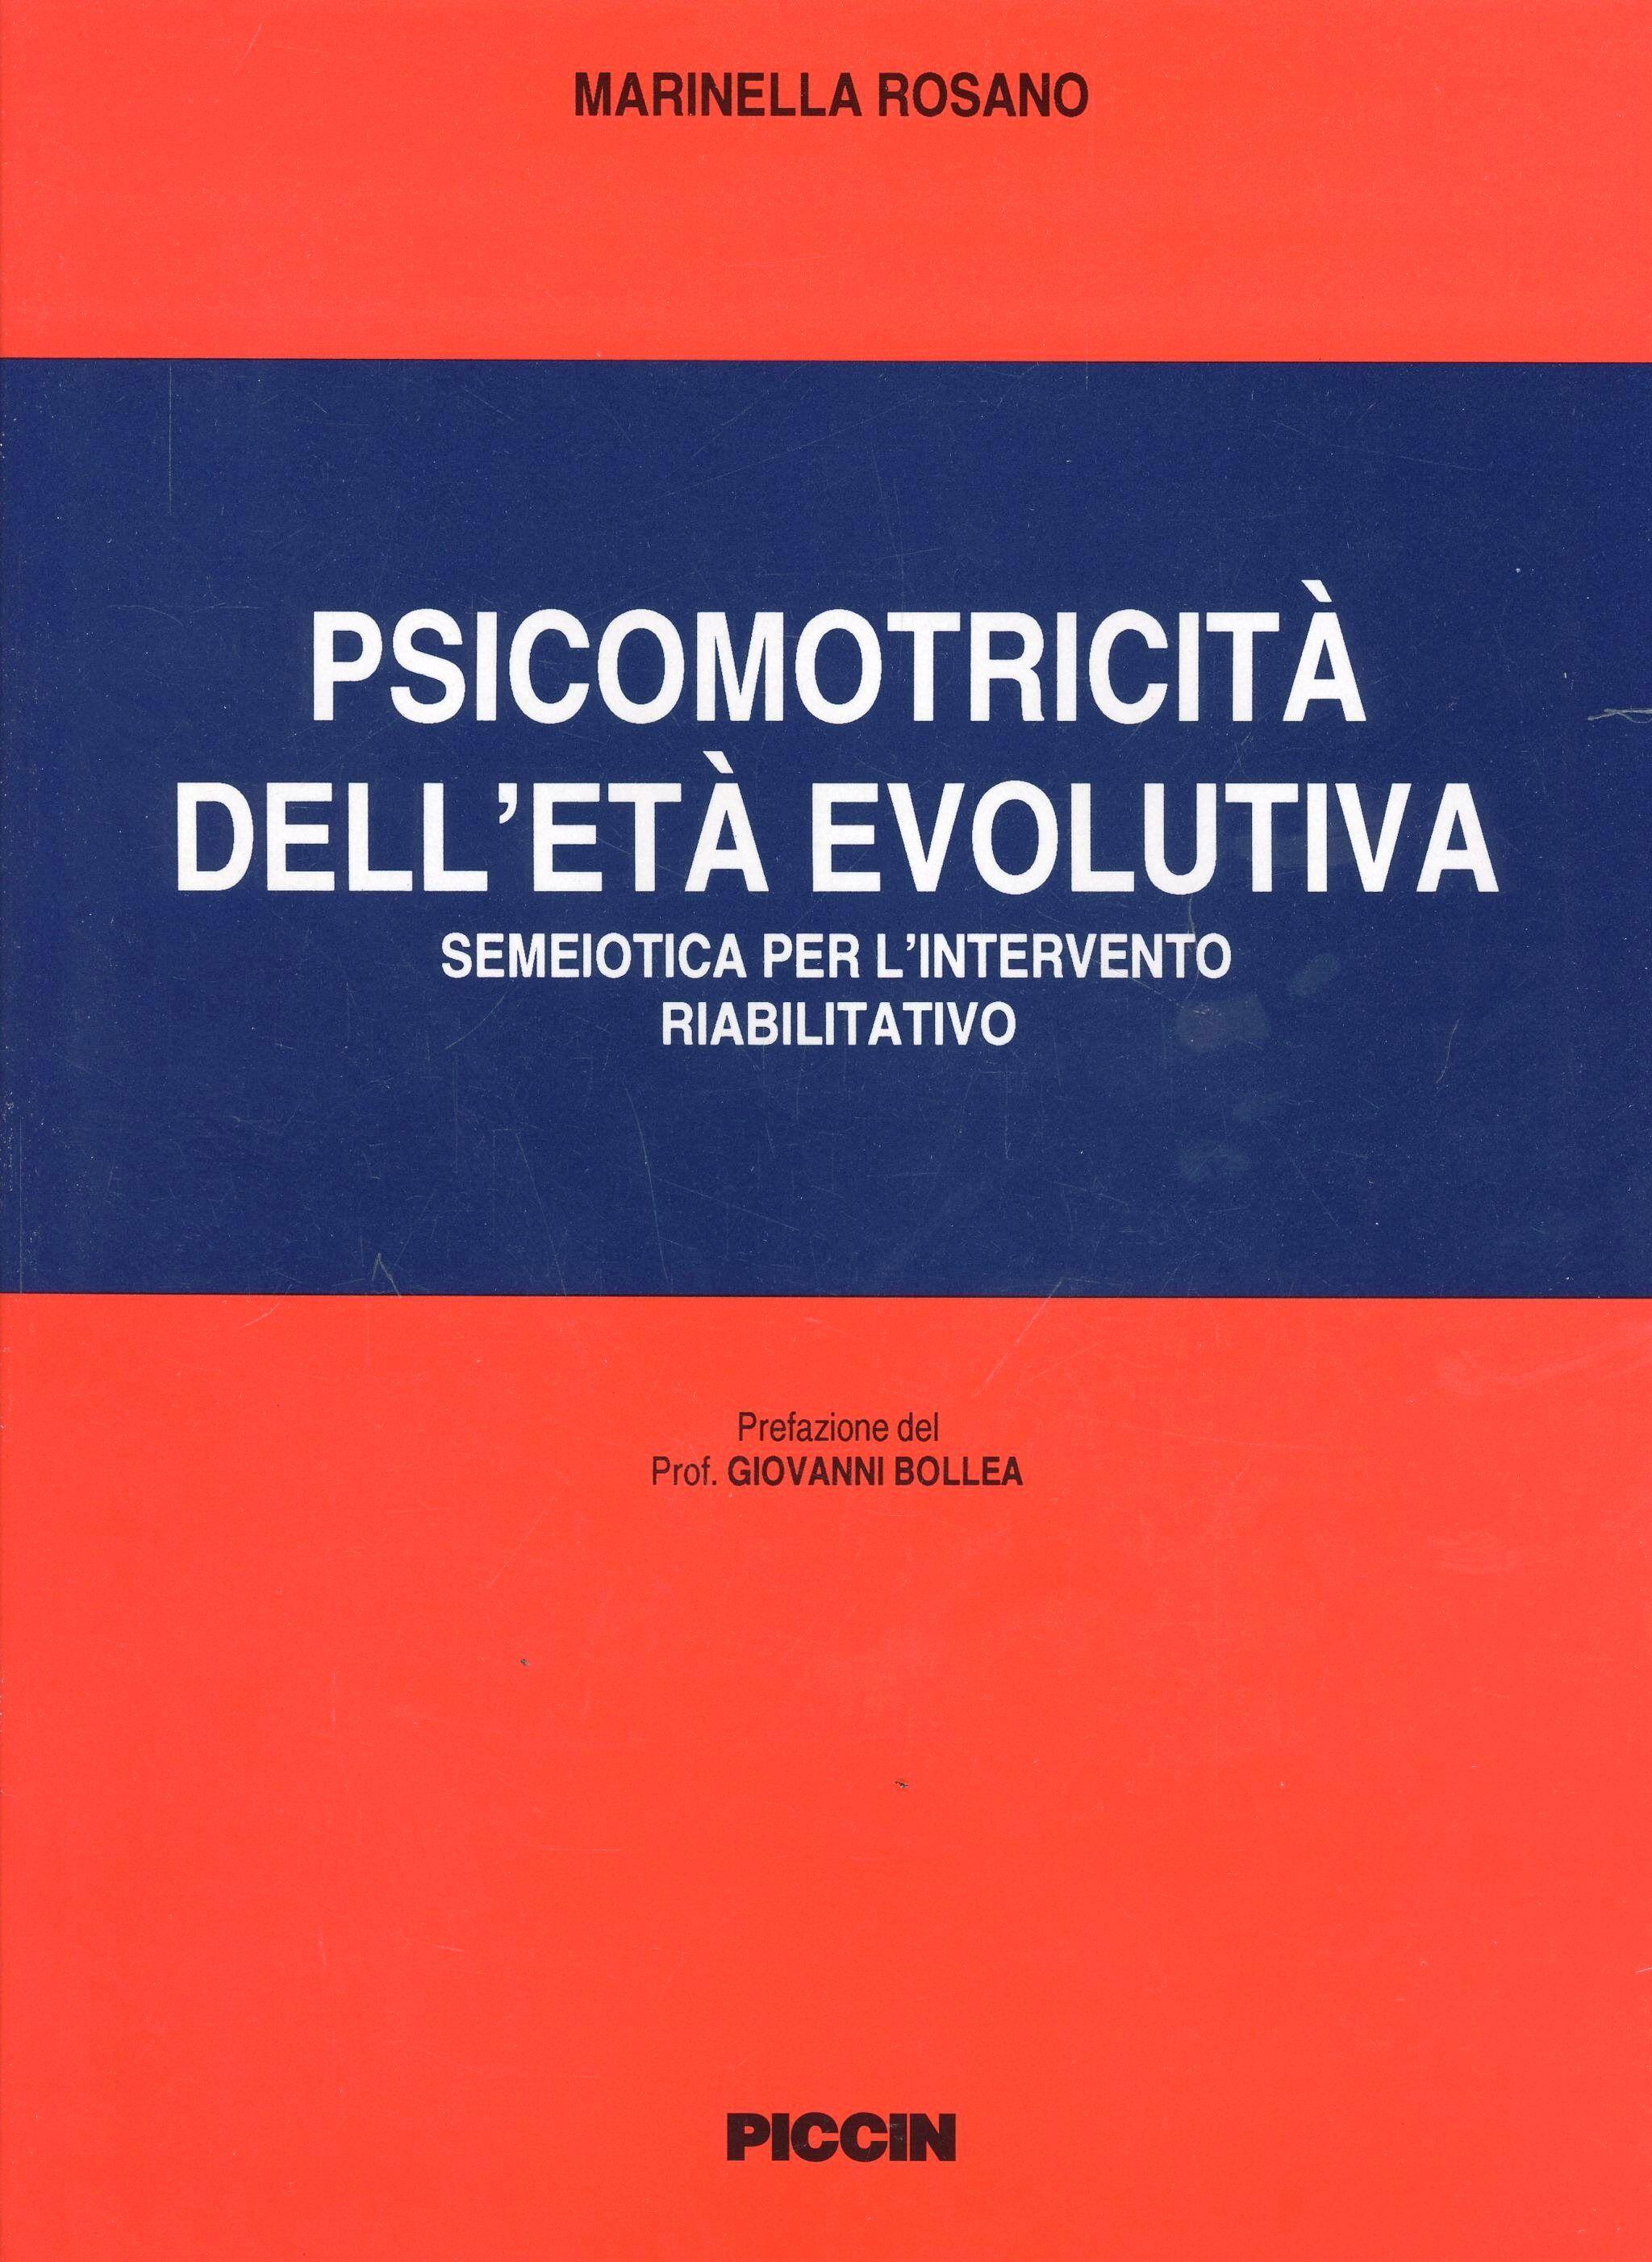 Psicomotricità dell'età evolutiva. Semeiotica per l'intervento riabilitativo